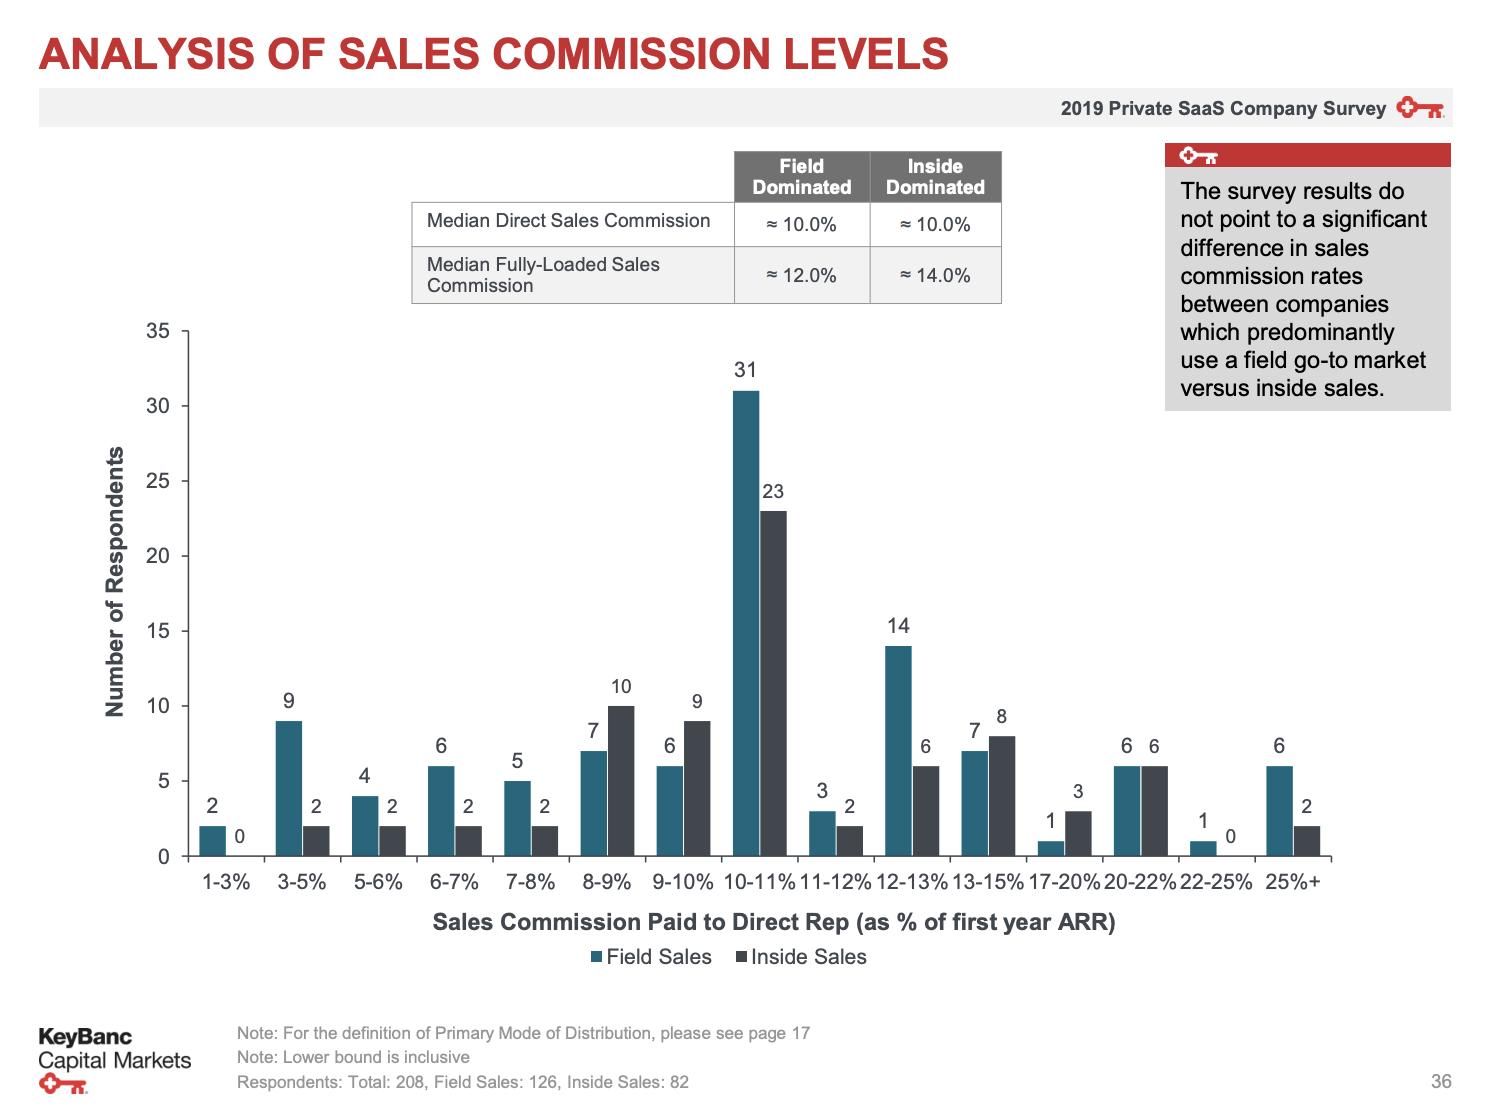 Etude des niveaux de commissions des sales en SaaS